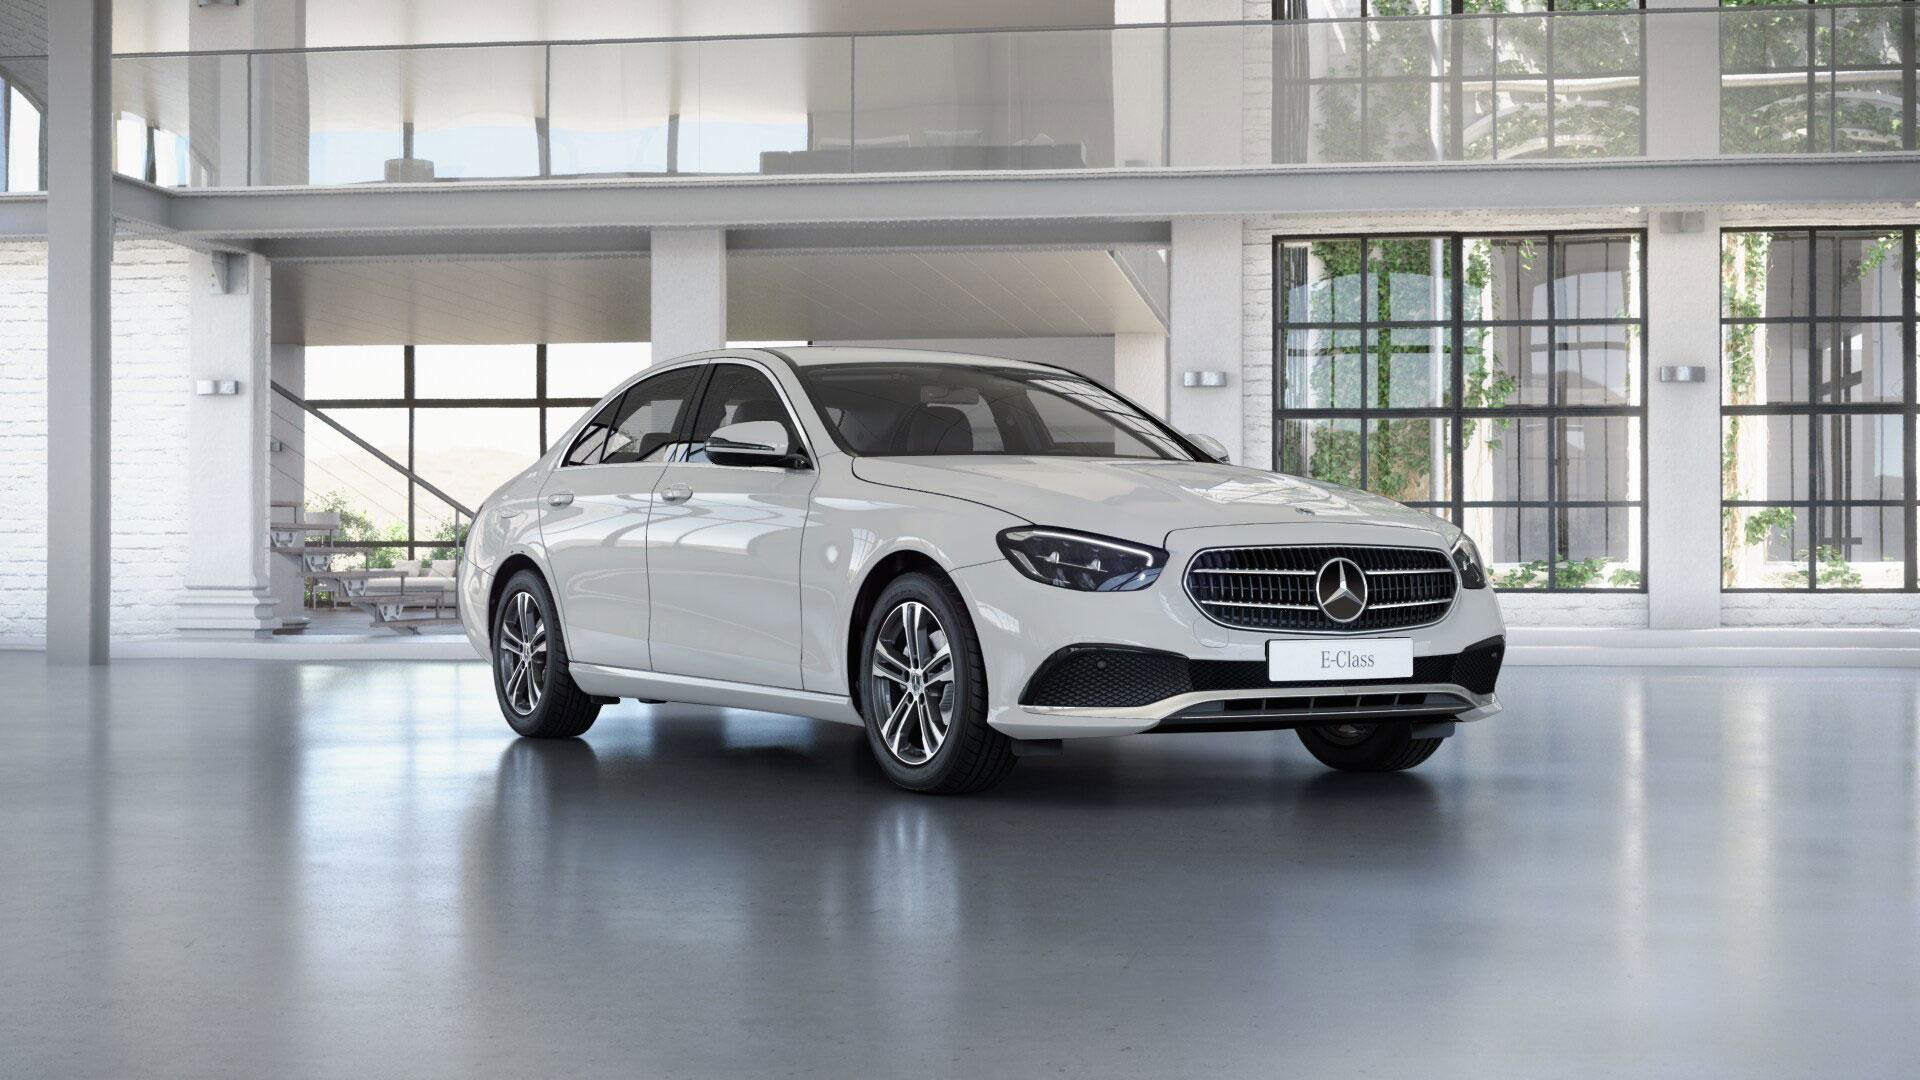 Phares de la Mercedes Benz Classe E Berline noire Finition Business